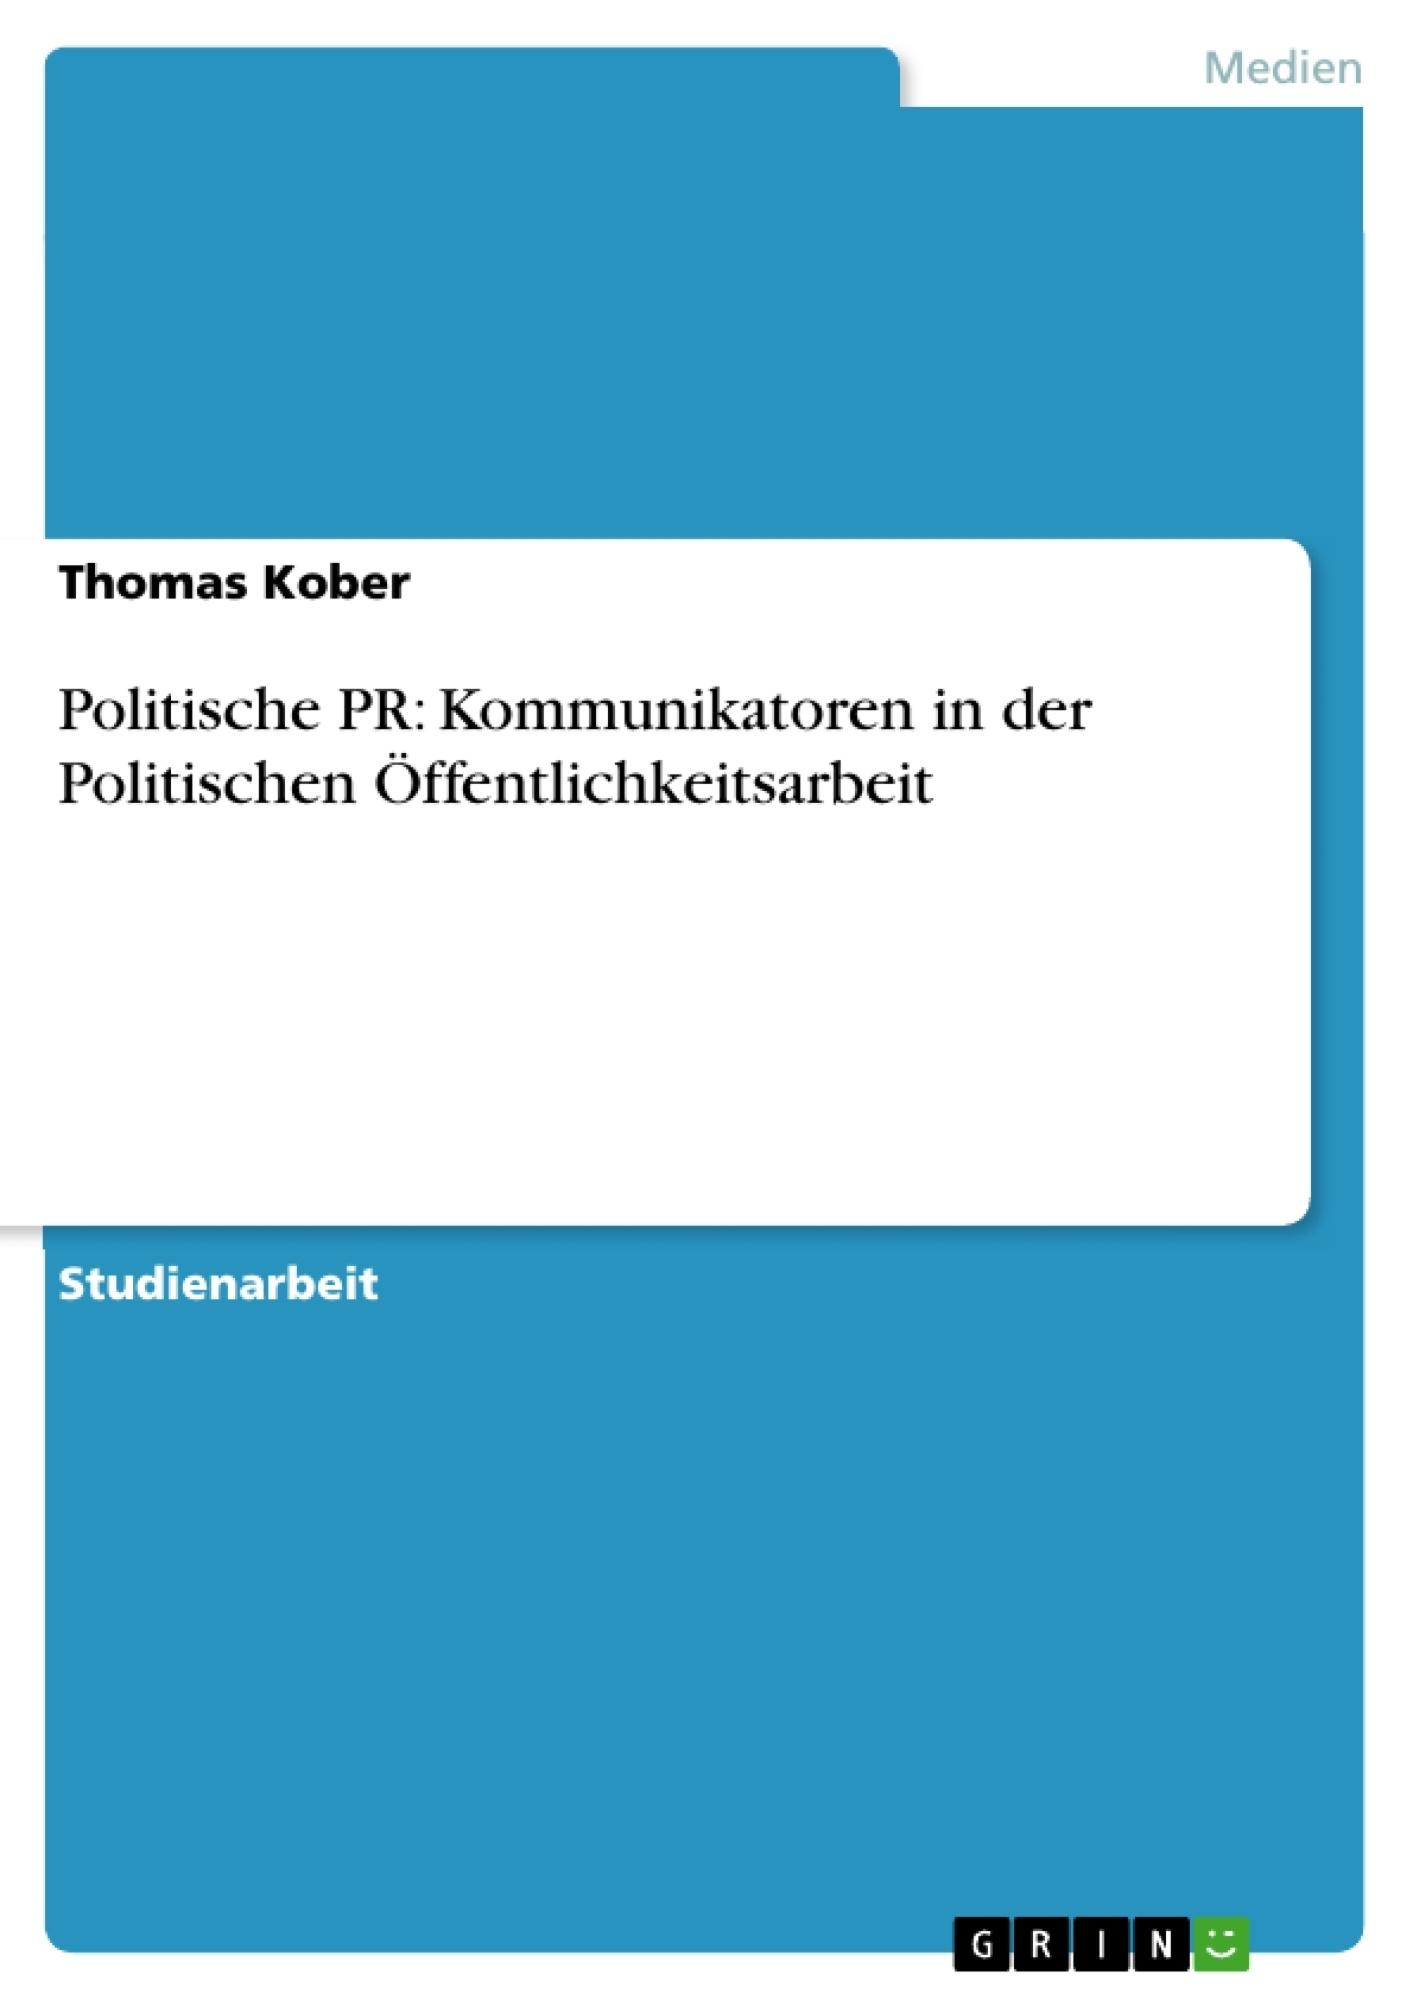 Titel: Politische PR: Kommunikatoren in der Politischen Öffentlichkeitsarbeit